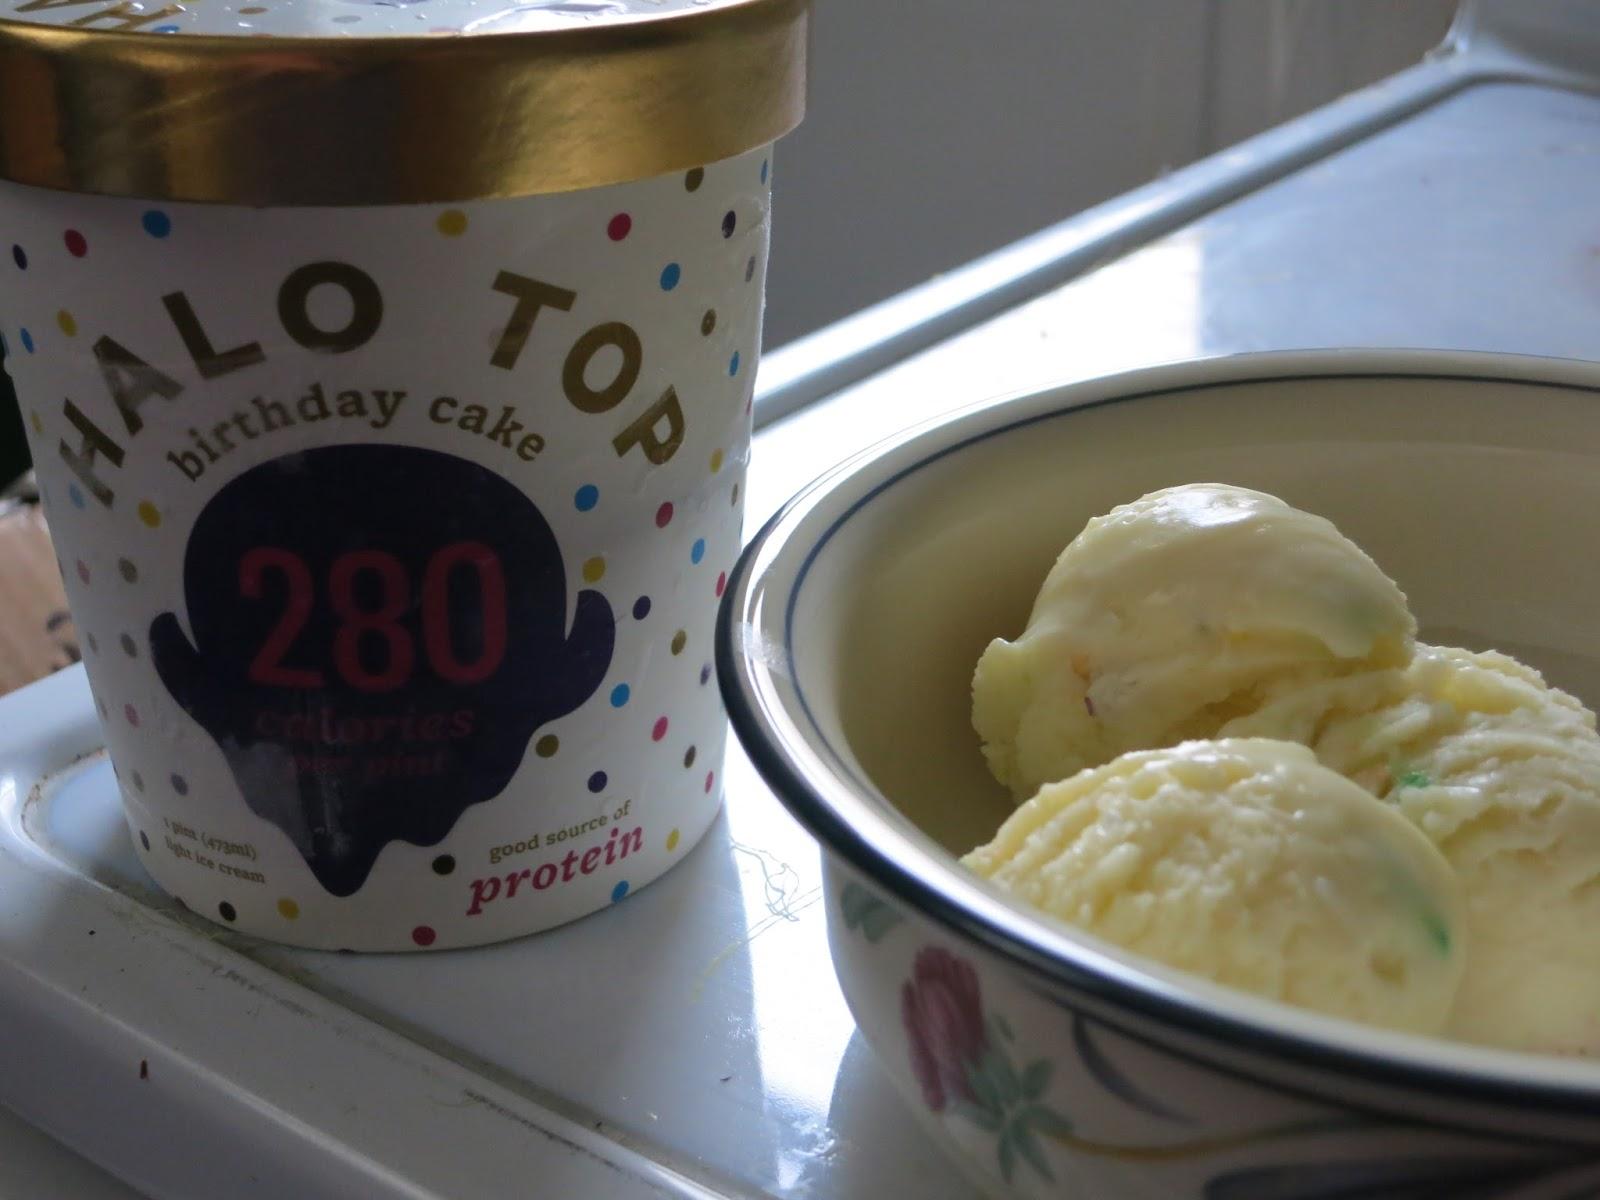 Birthday Cake Ice Cream Halo Top